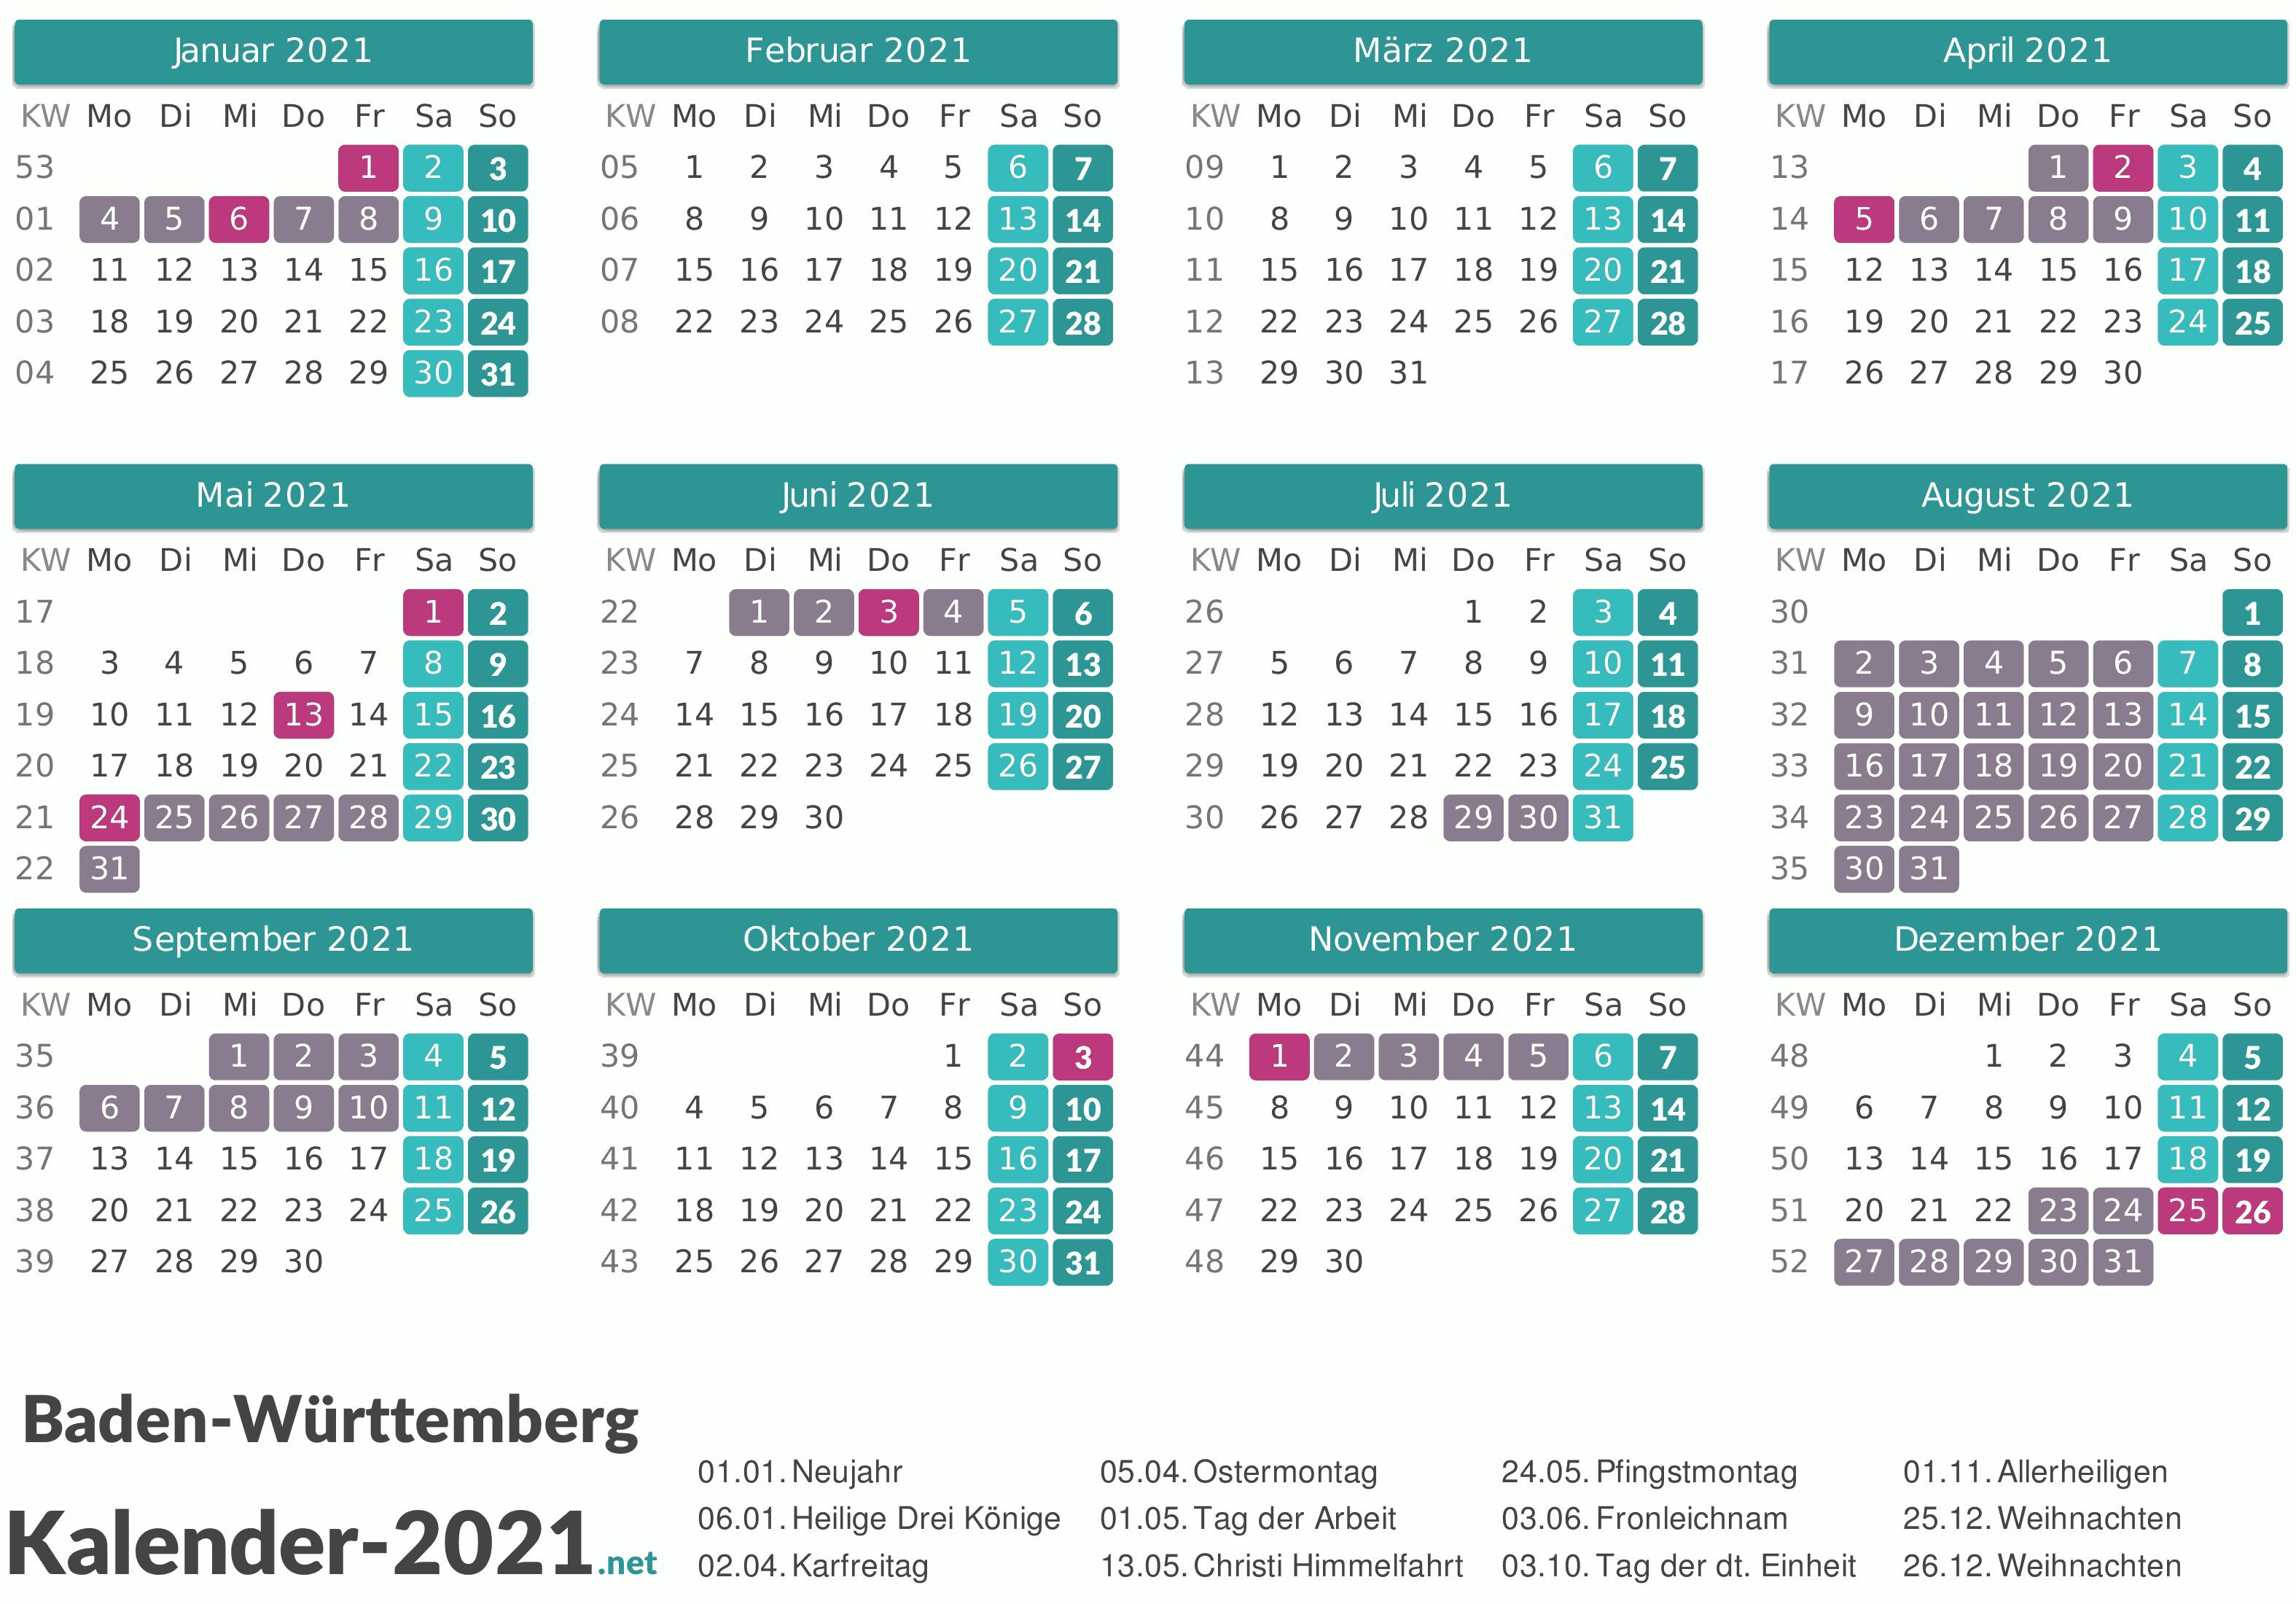 Ferien Bw 2021 : Schulferien In Google Kalender ...